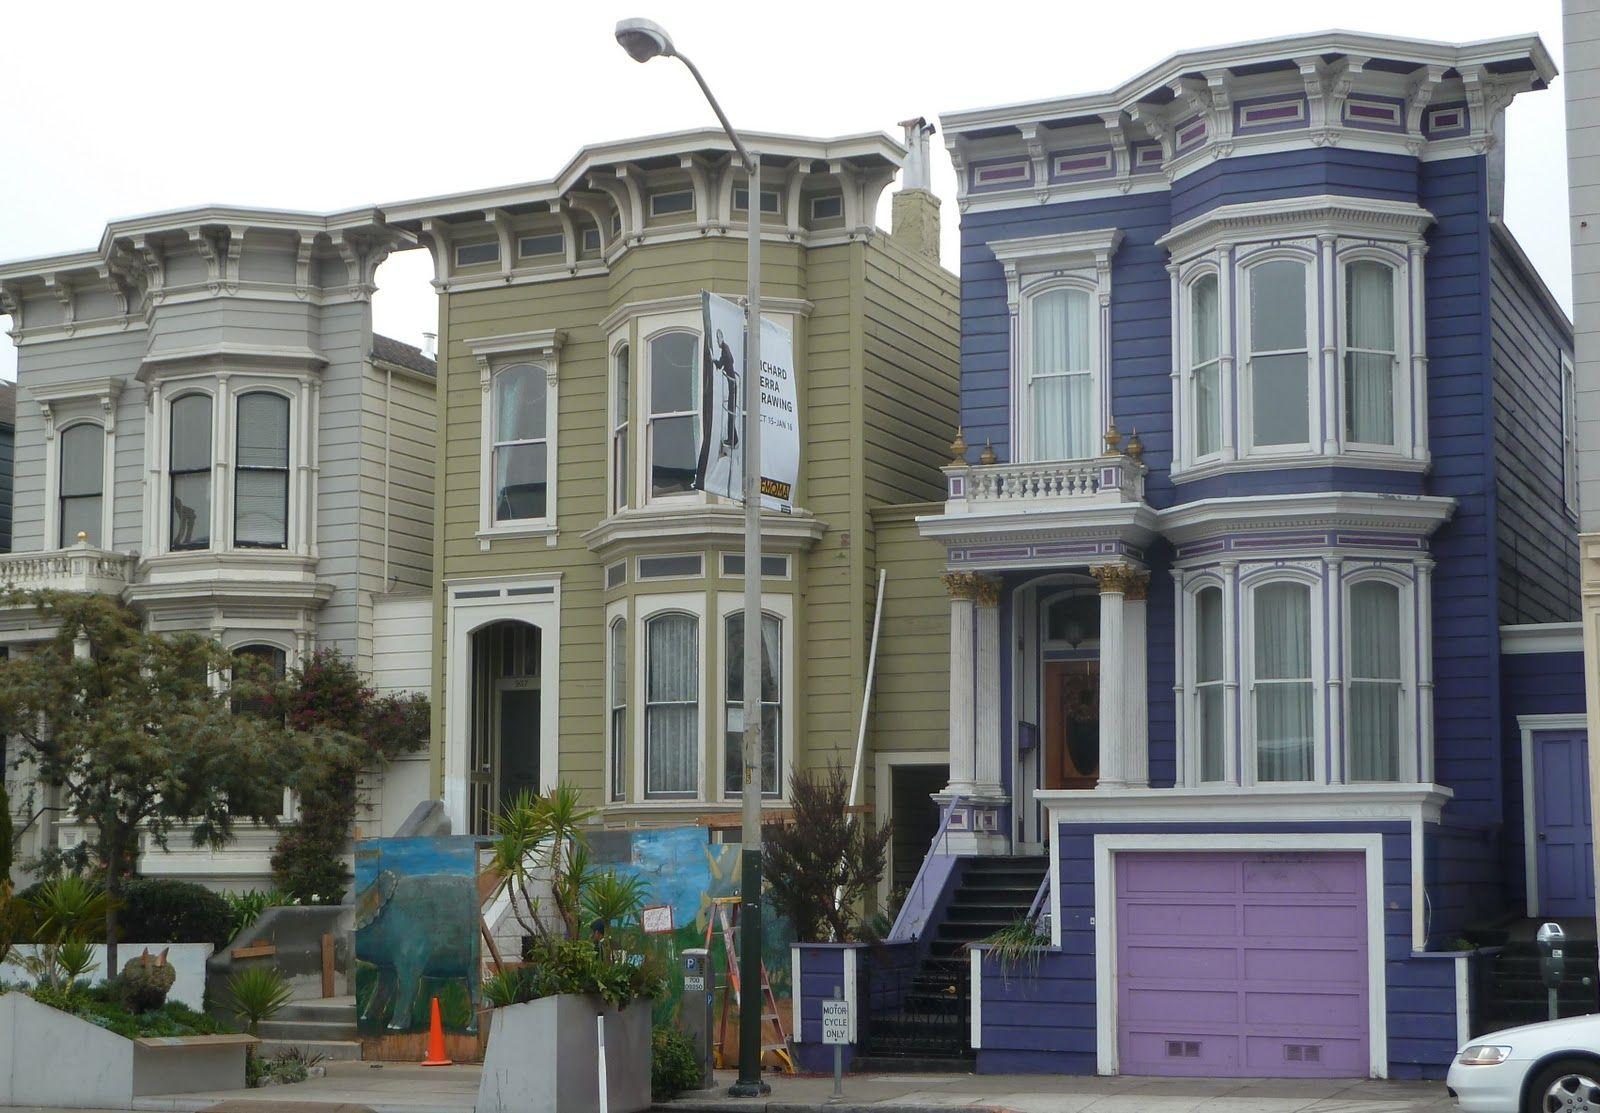 San Francisco Victorian Architecture San Francisco Architecture Victorian San Francisco Architecture Architecture